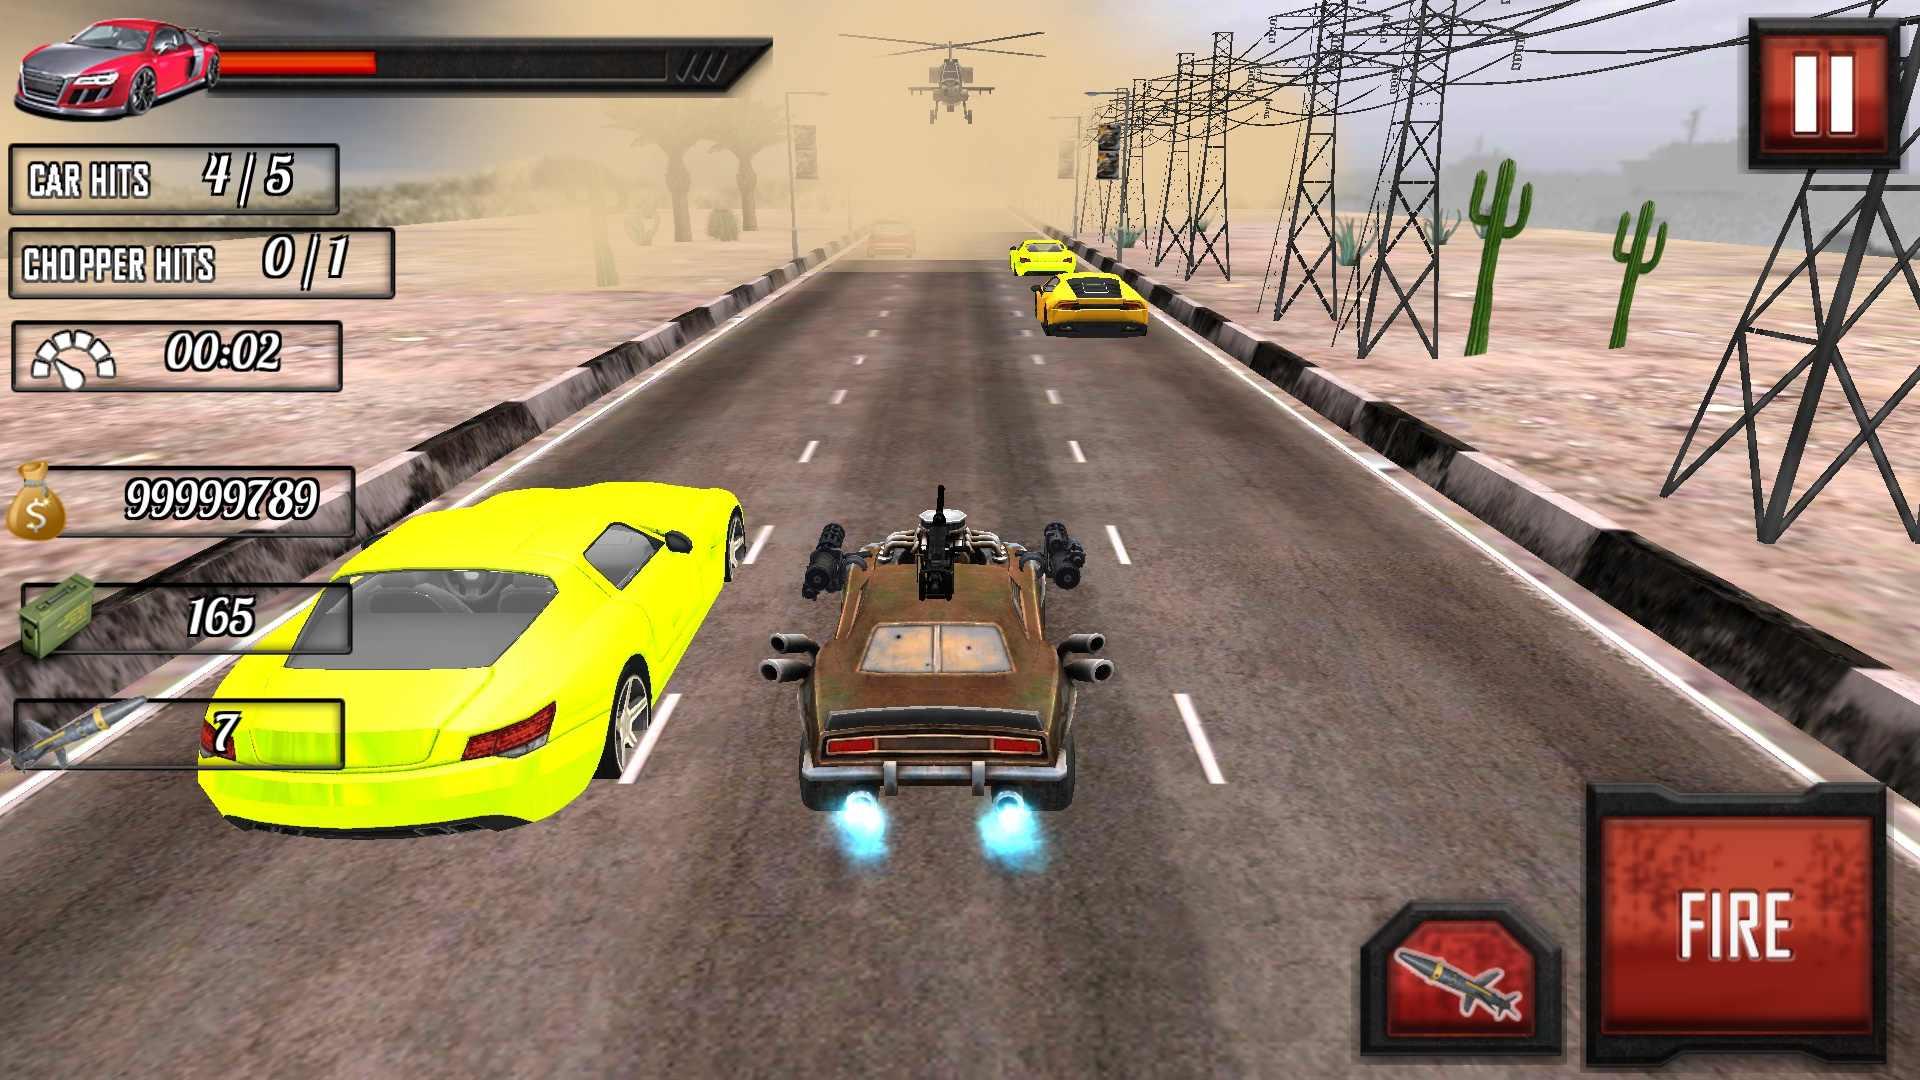 该安卓游戏中拥有多个免费的赛车跑道,赛车,皮肤和各种能够加强汽车的